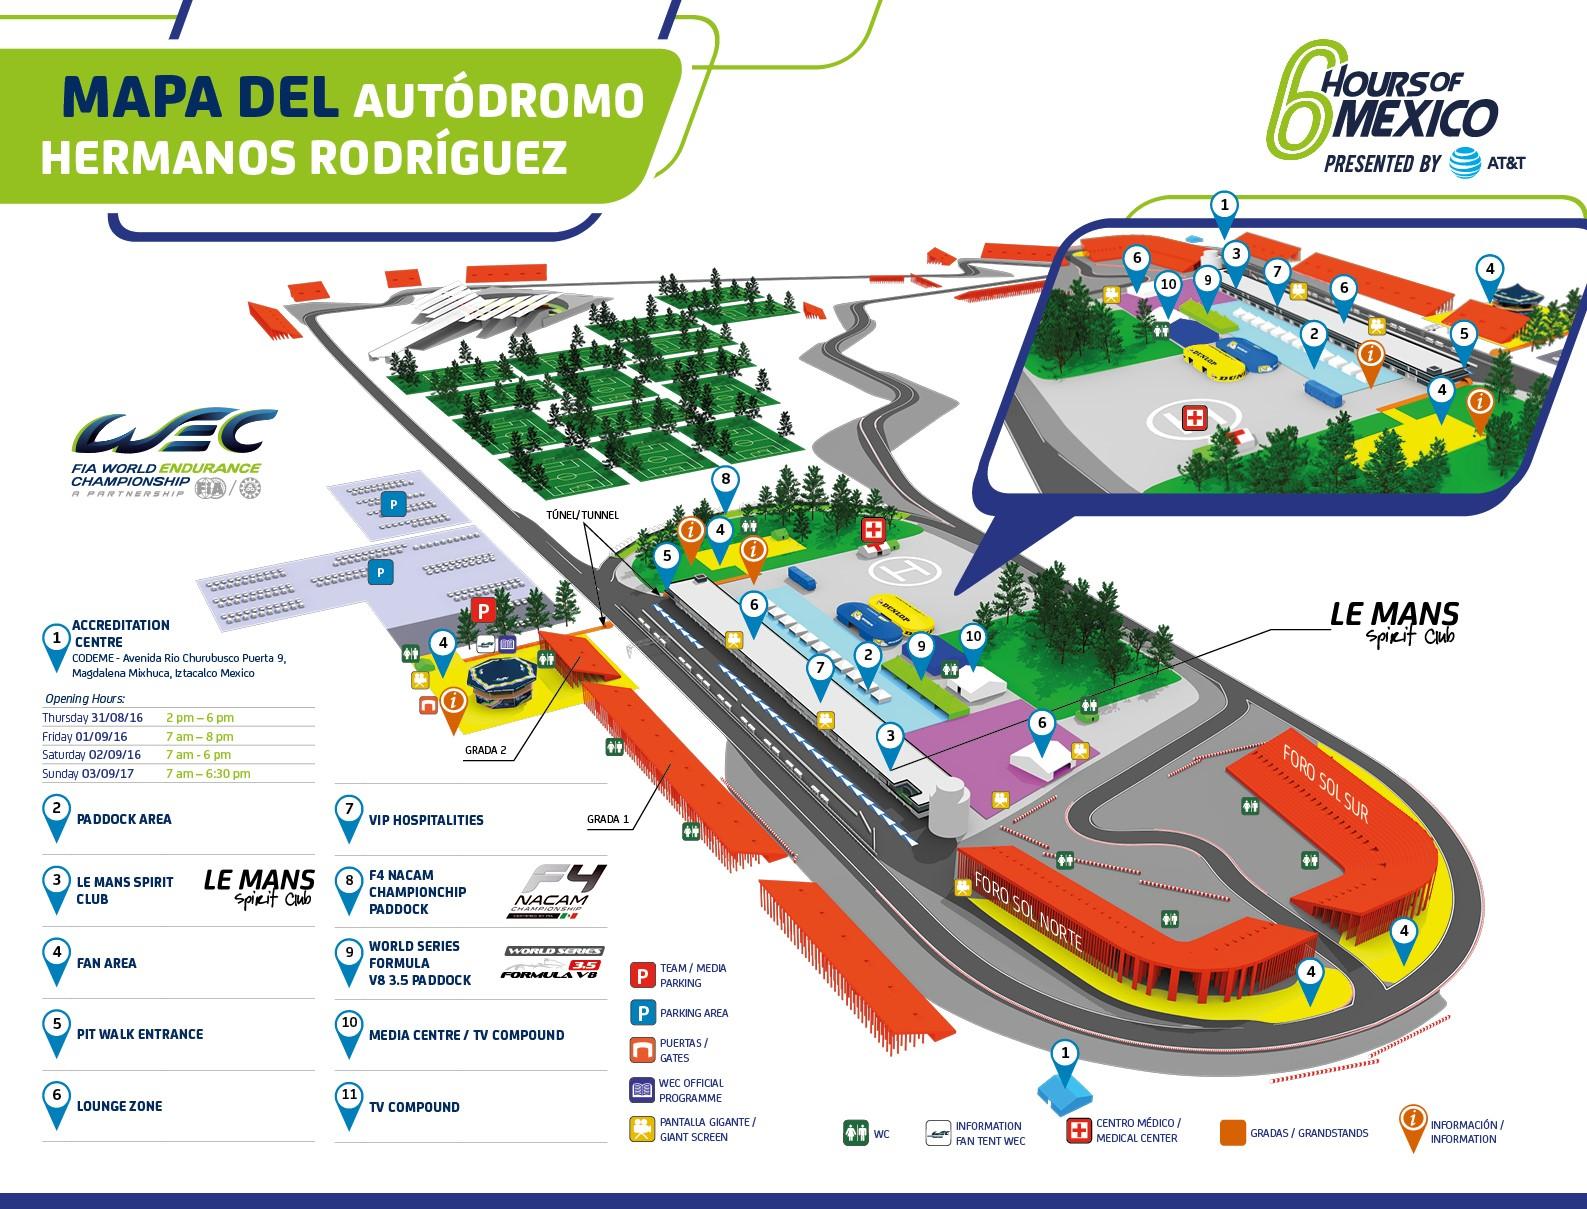 6 horas de m jico 2017 rinc n del motor for Puerta 6 del autodromo